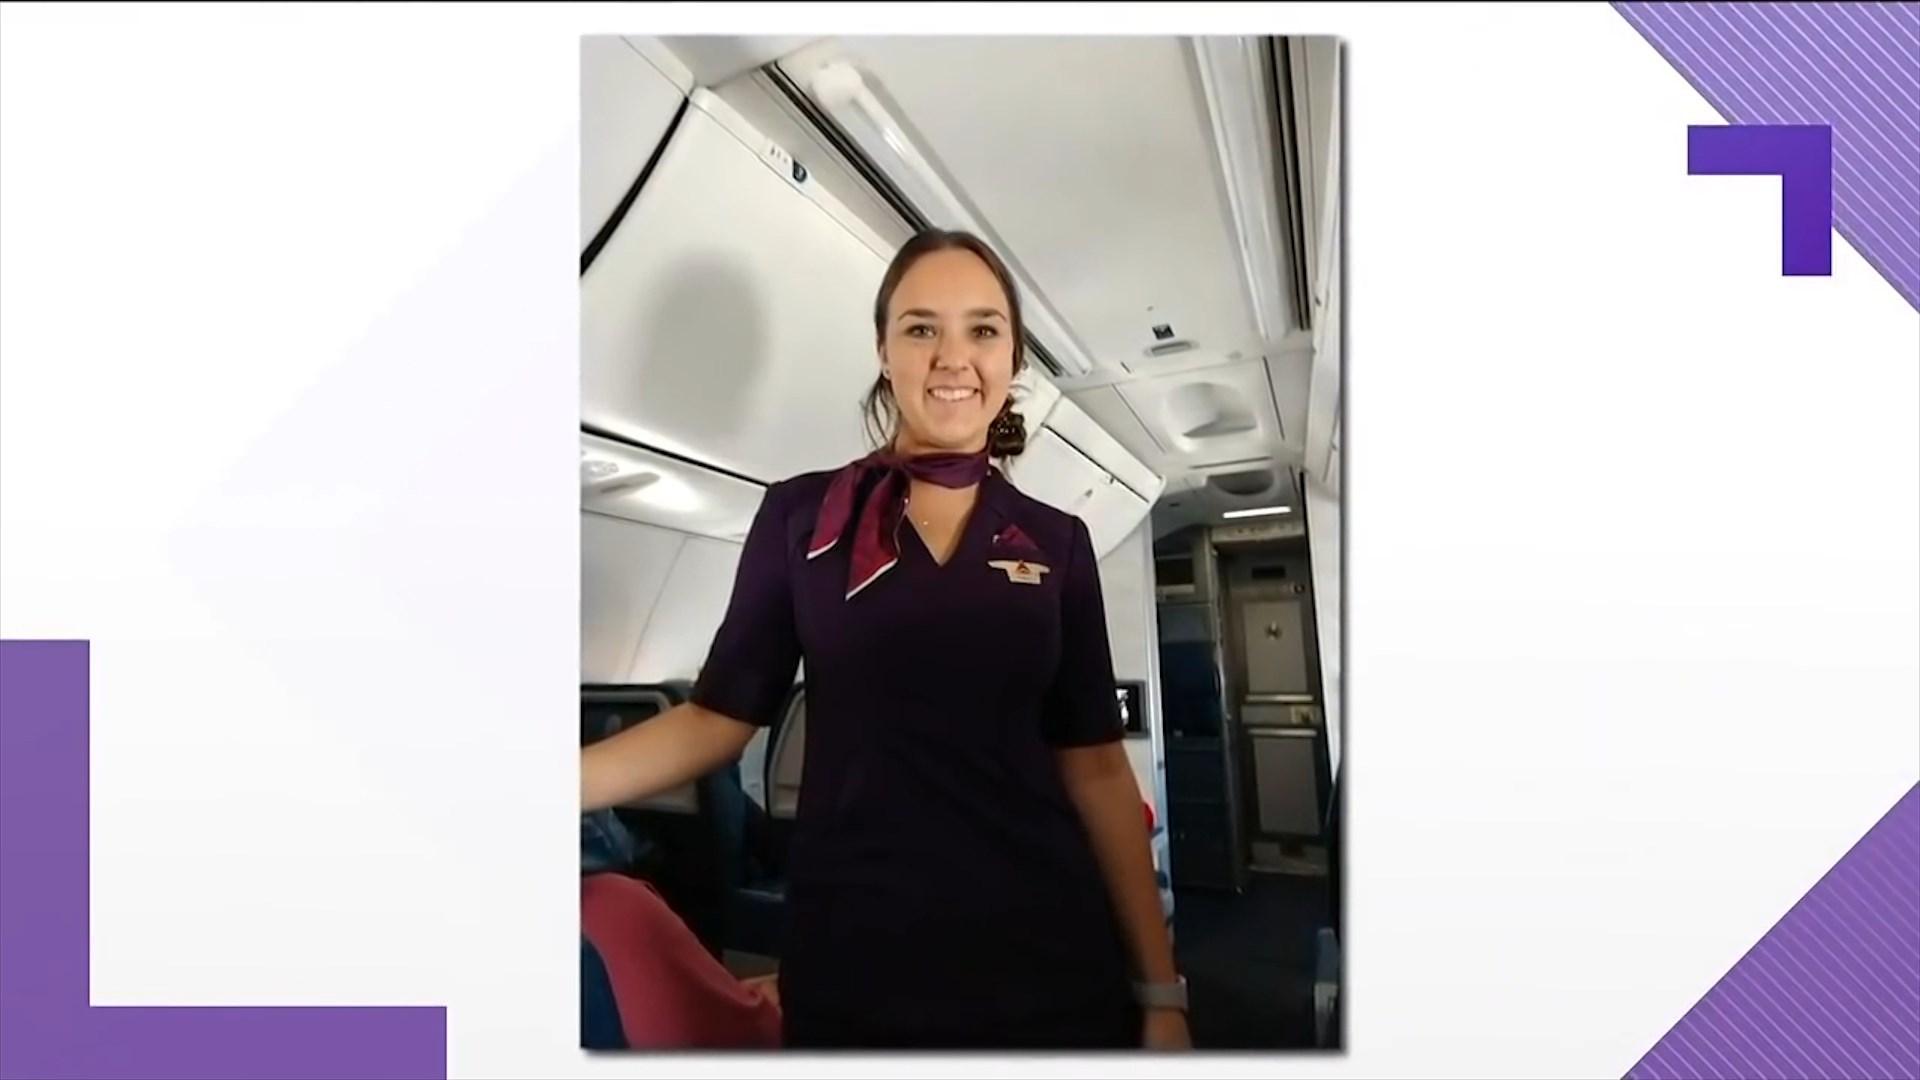 Vajza stjuardesë në punë për Krishtlindje, babai në të gjitha fluturimet